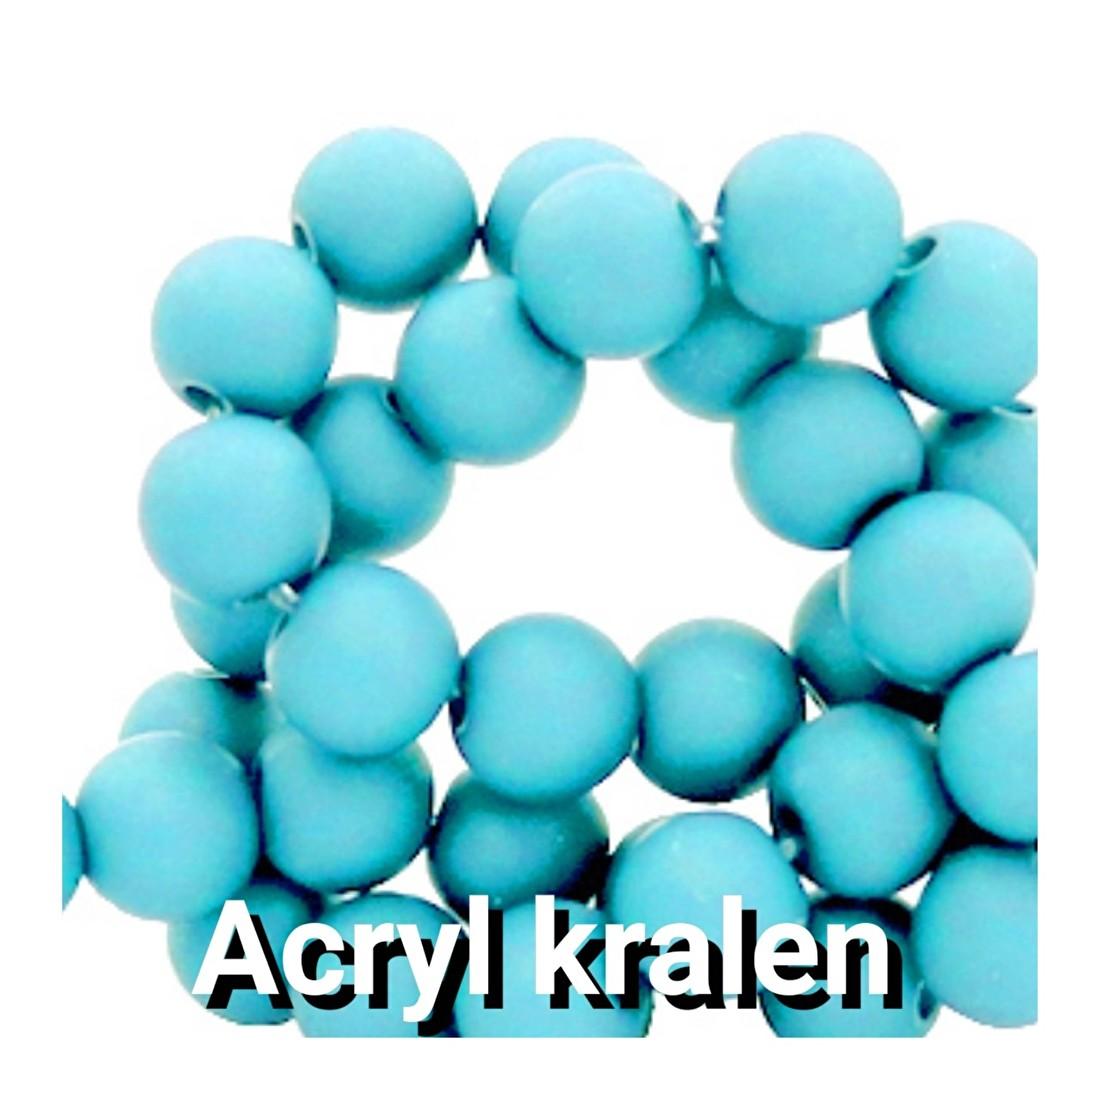 Acryl kralen